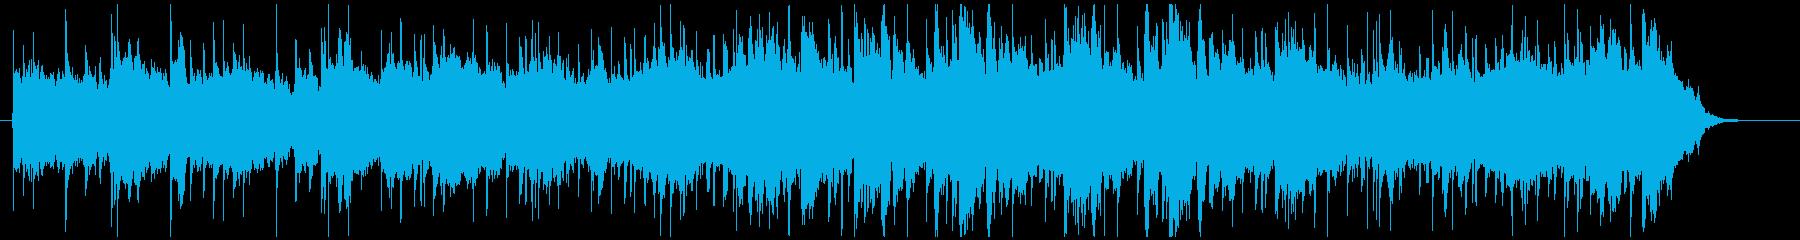 幻想的なチルアウト アトモス系R&Bの再生済みの波形